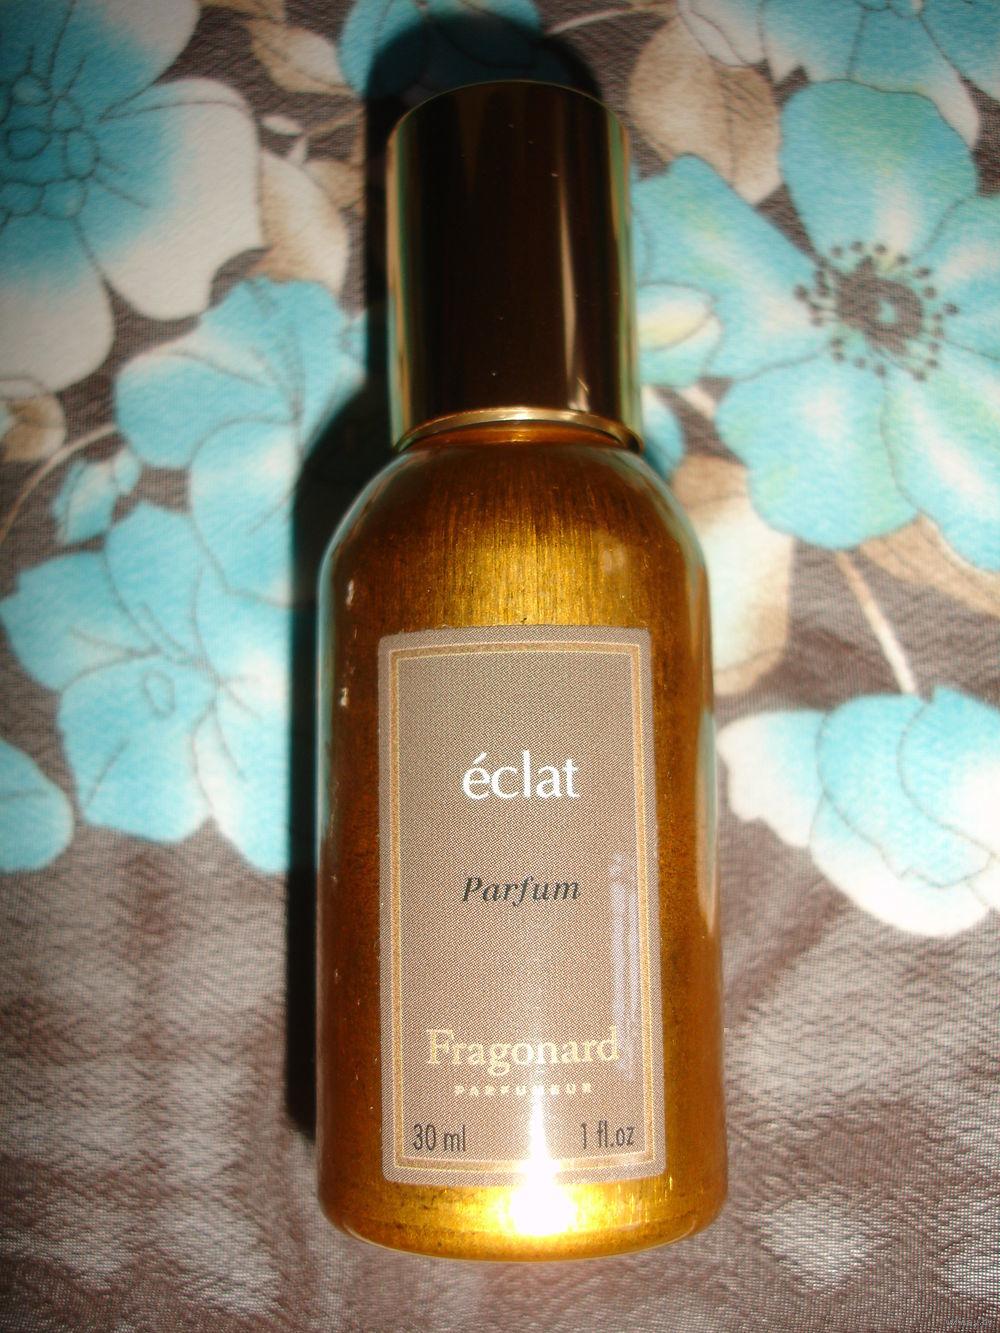 духи Eclat Fragonard Parfum 26 27 мл купить в минске парфюмерия